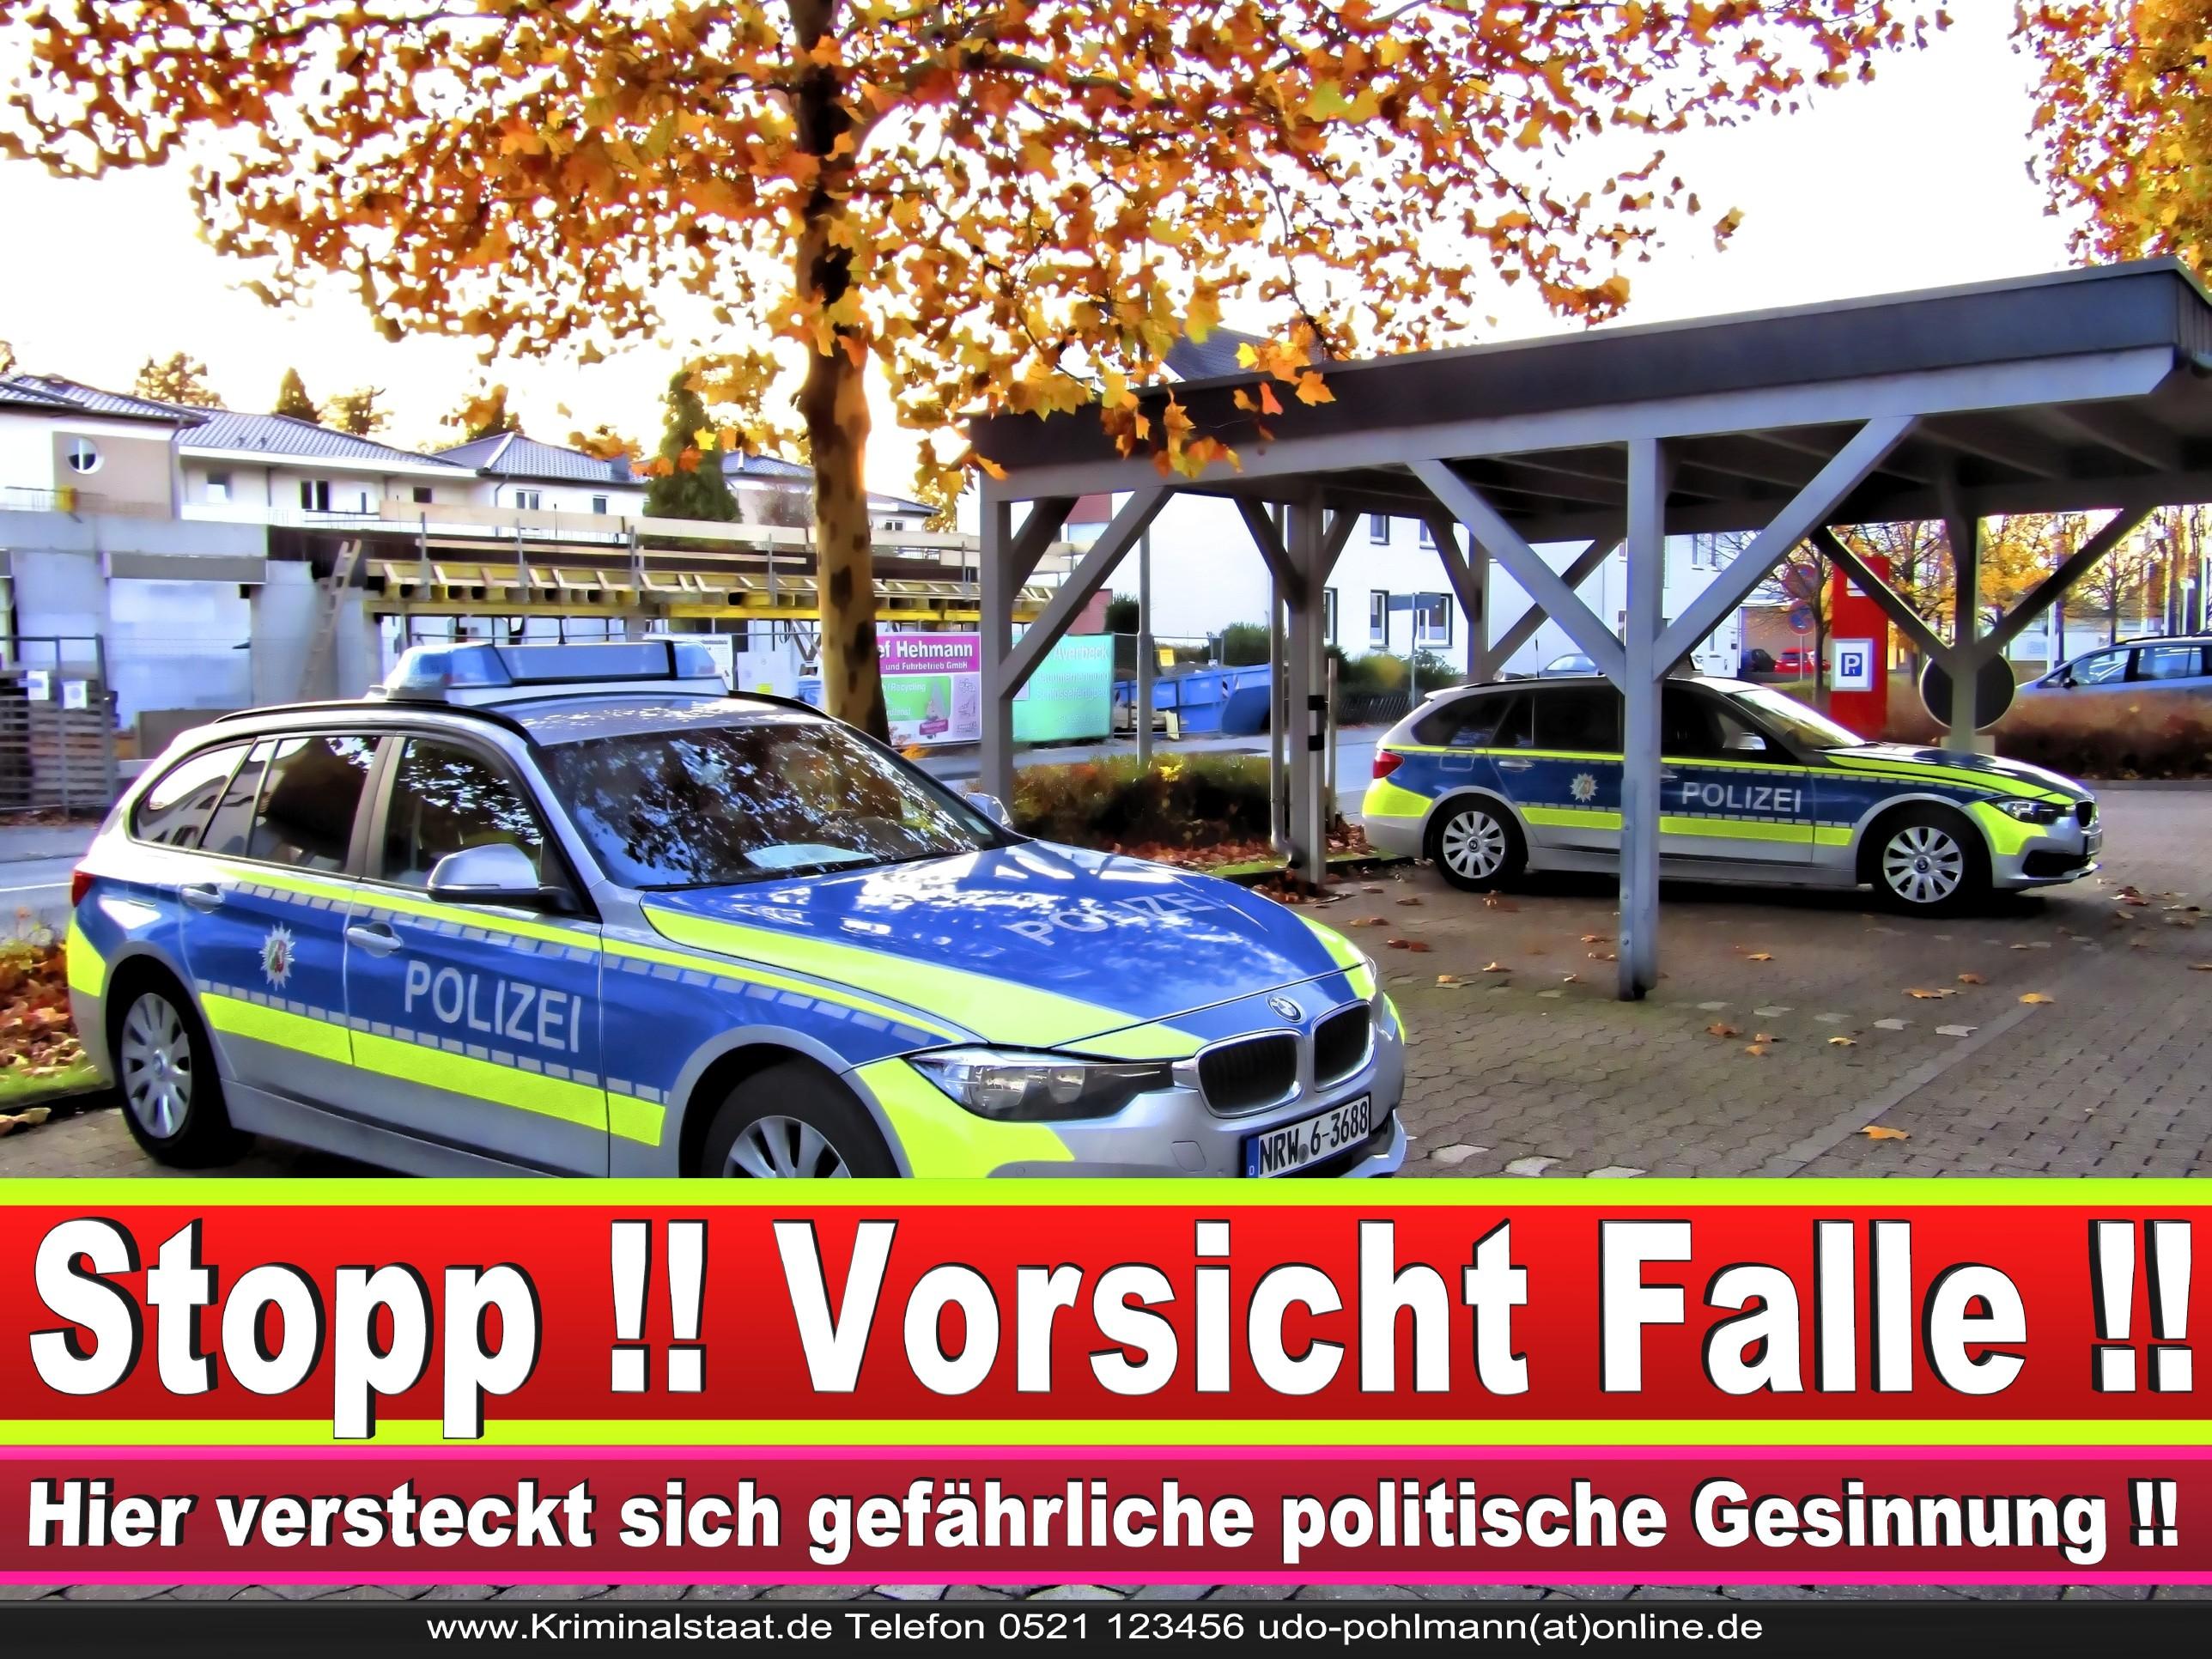 Polizei Halle Westfalen Kättkenstraße 7 33790 Halle Westfalen 14